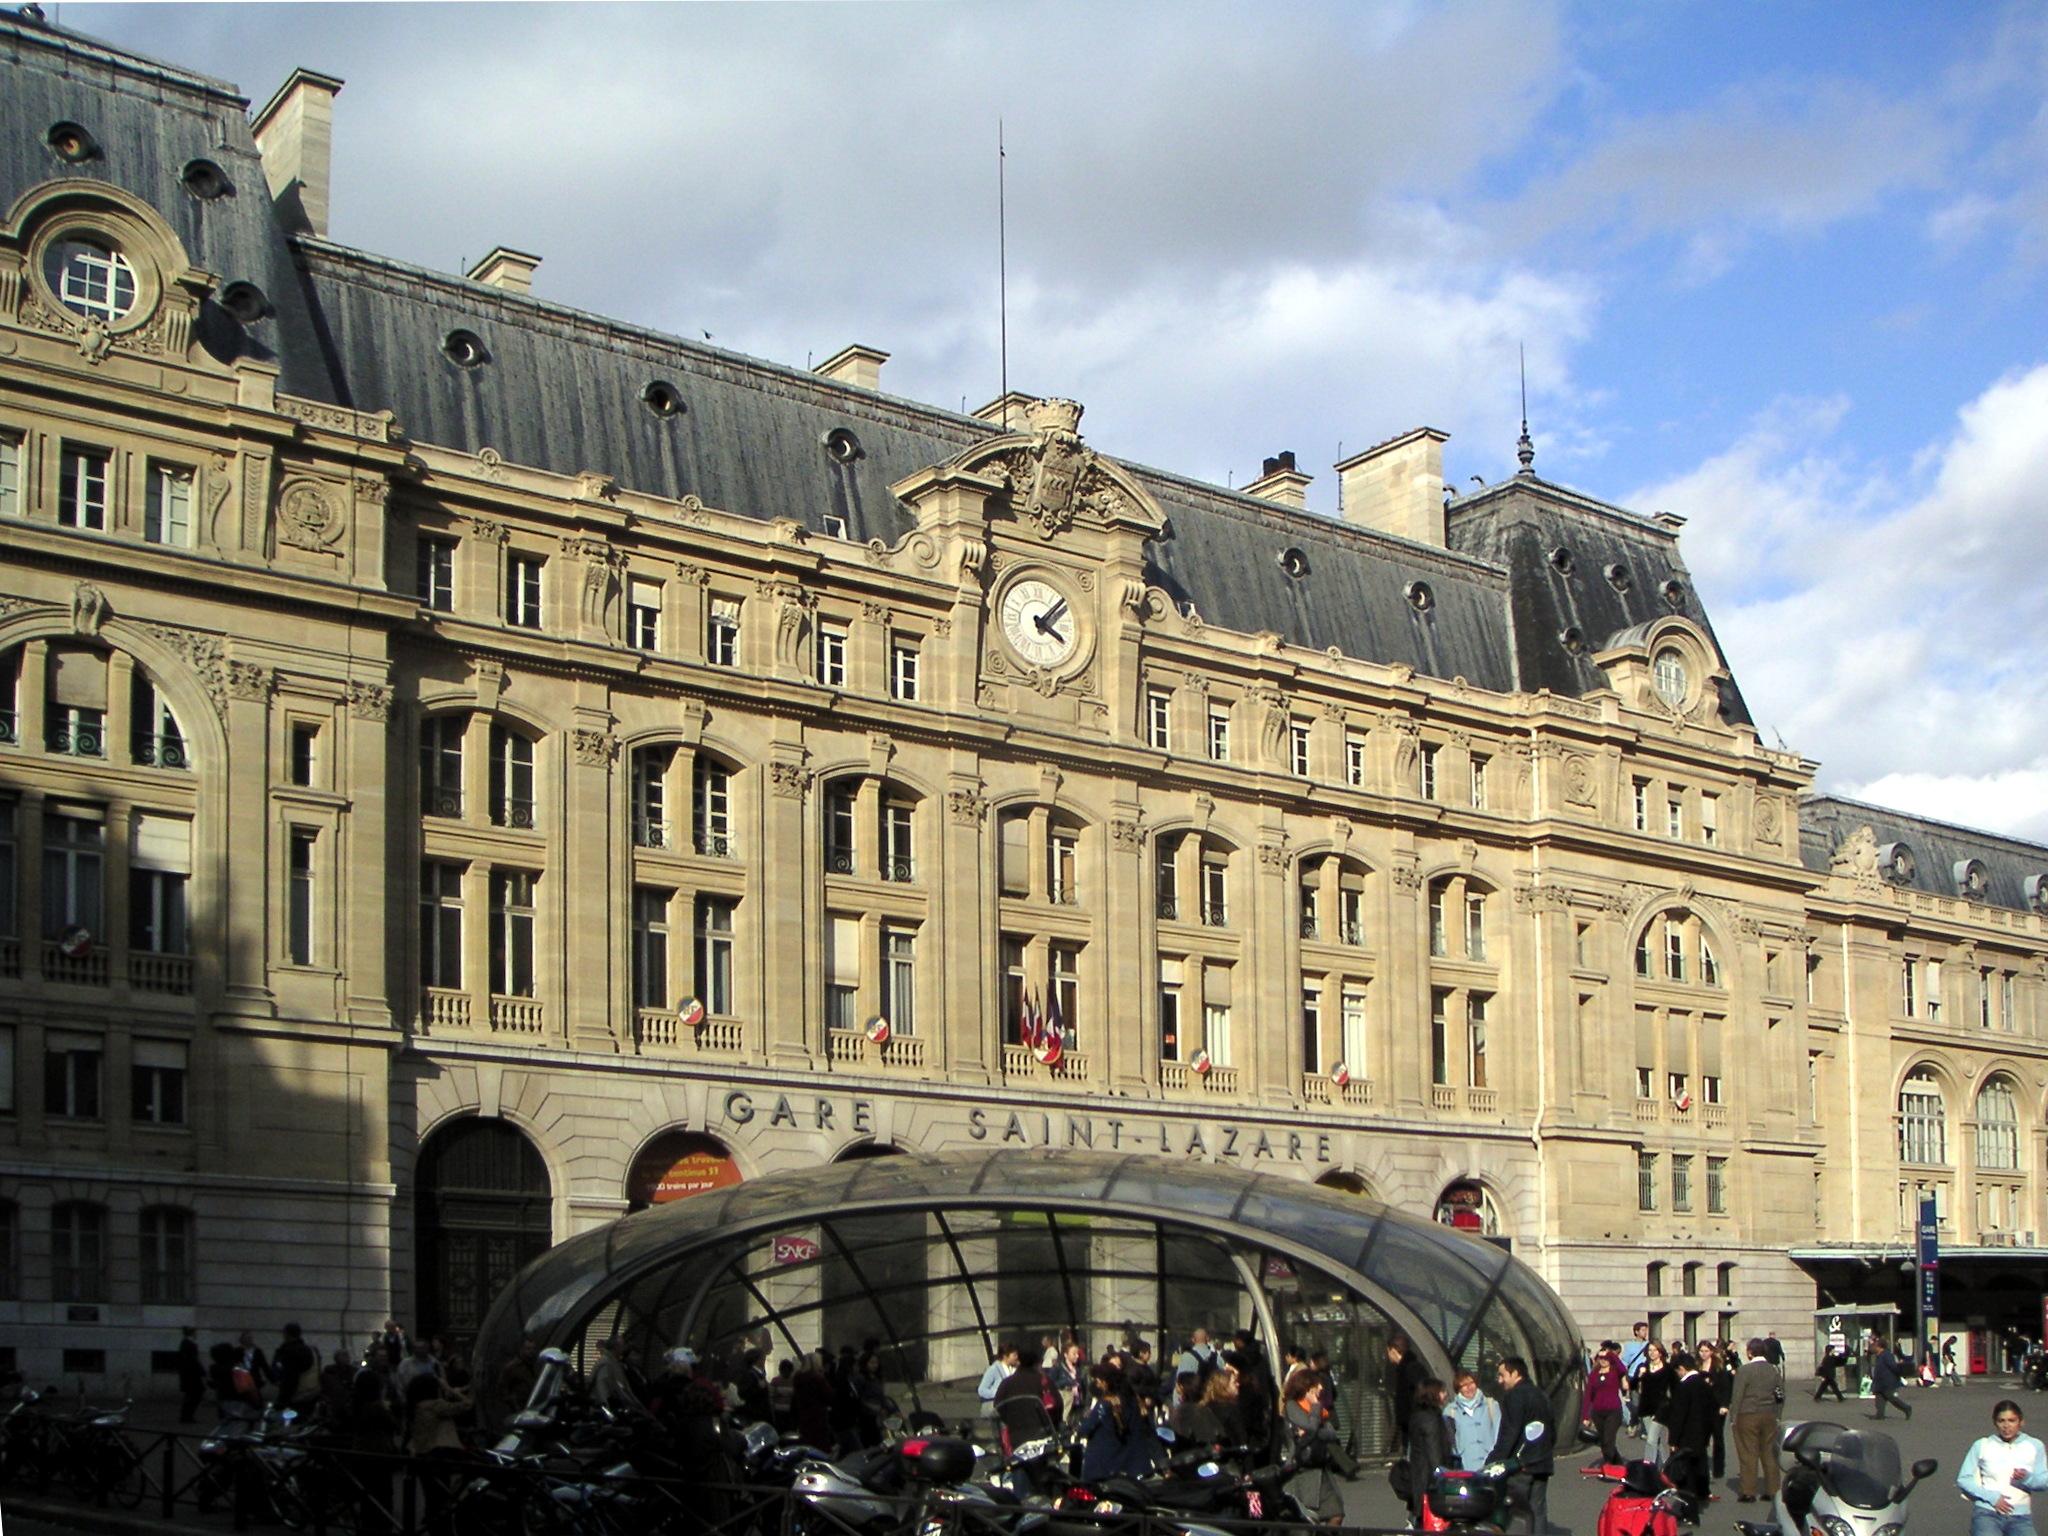 gare saint-lazare - l'histoire